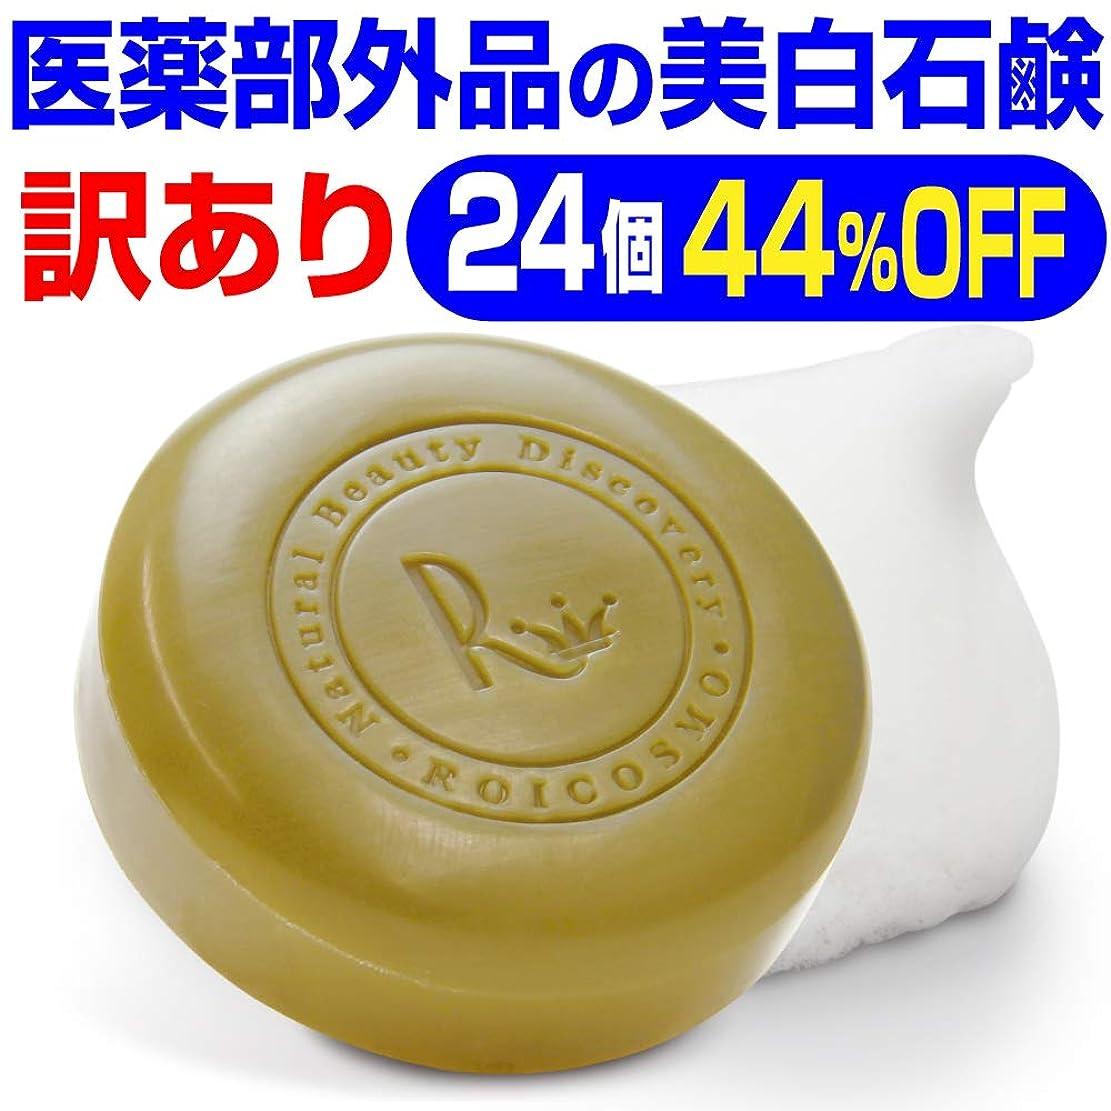 意識補充思春期の訳あり44%OFF(1個2,143円)売切れ御免 ビタミンC270倍の美白成分の 洗顔石鹸『ホワイトソープ100g×24個』